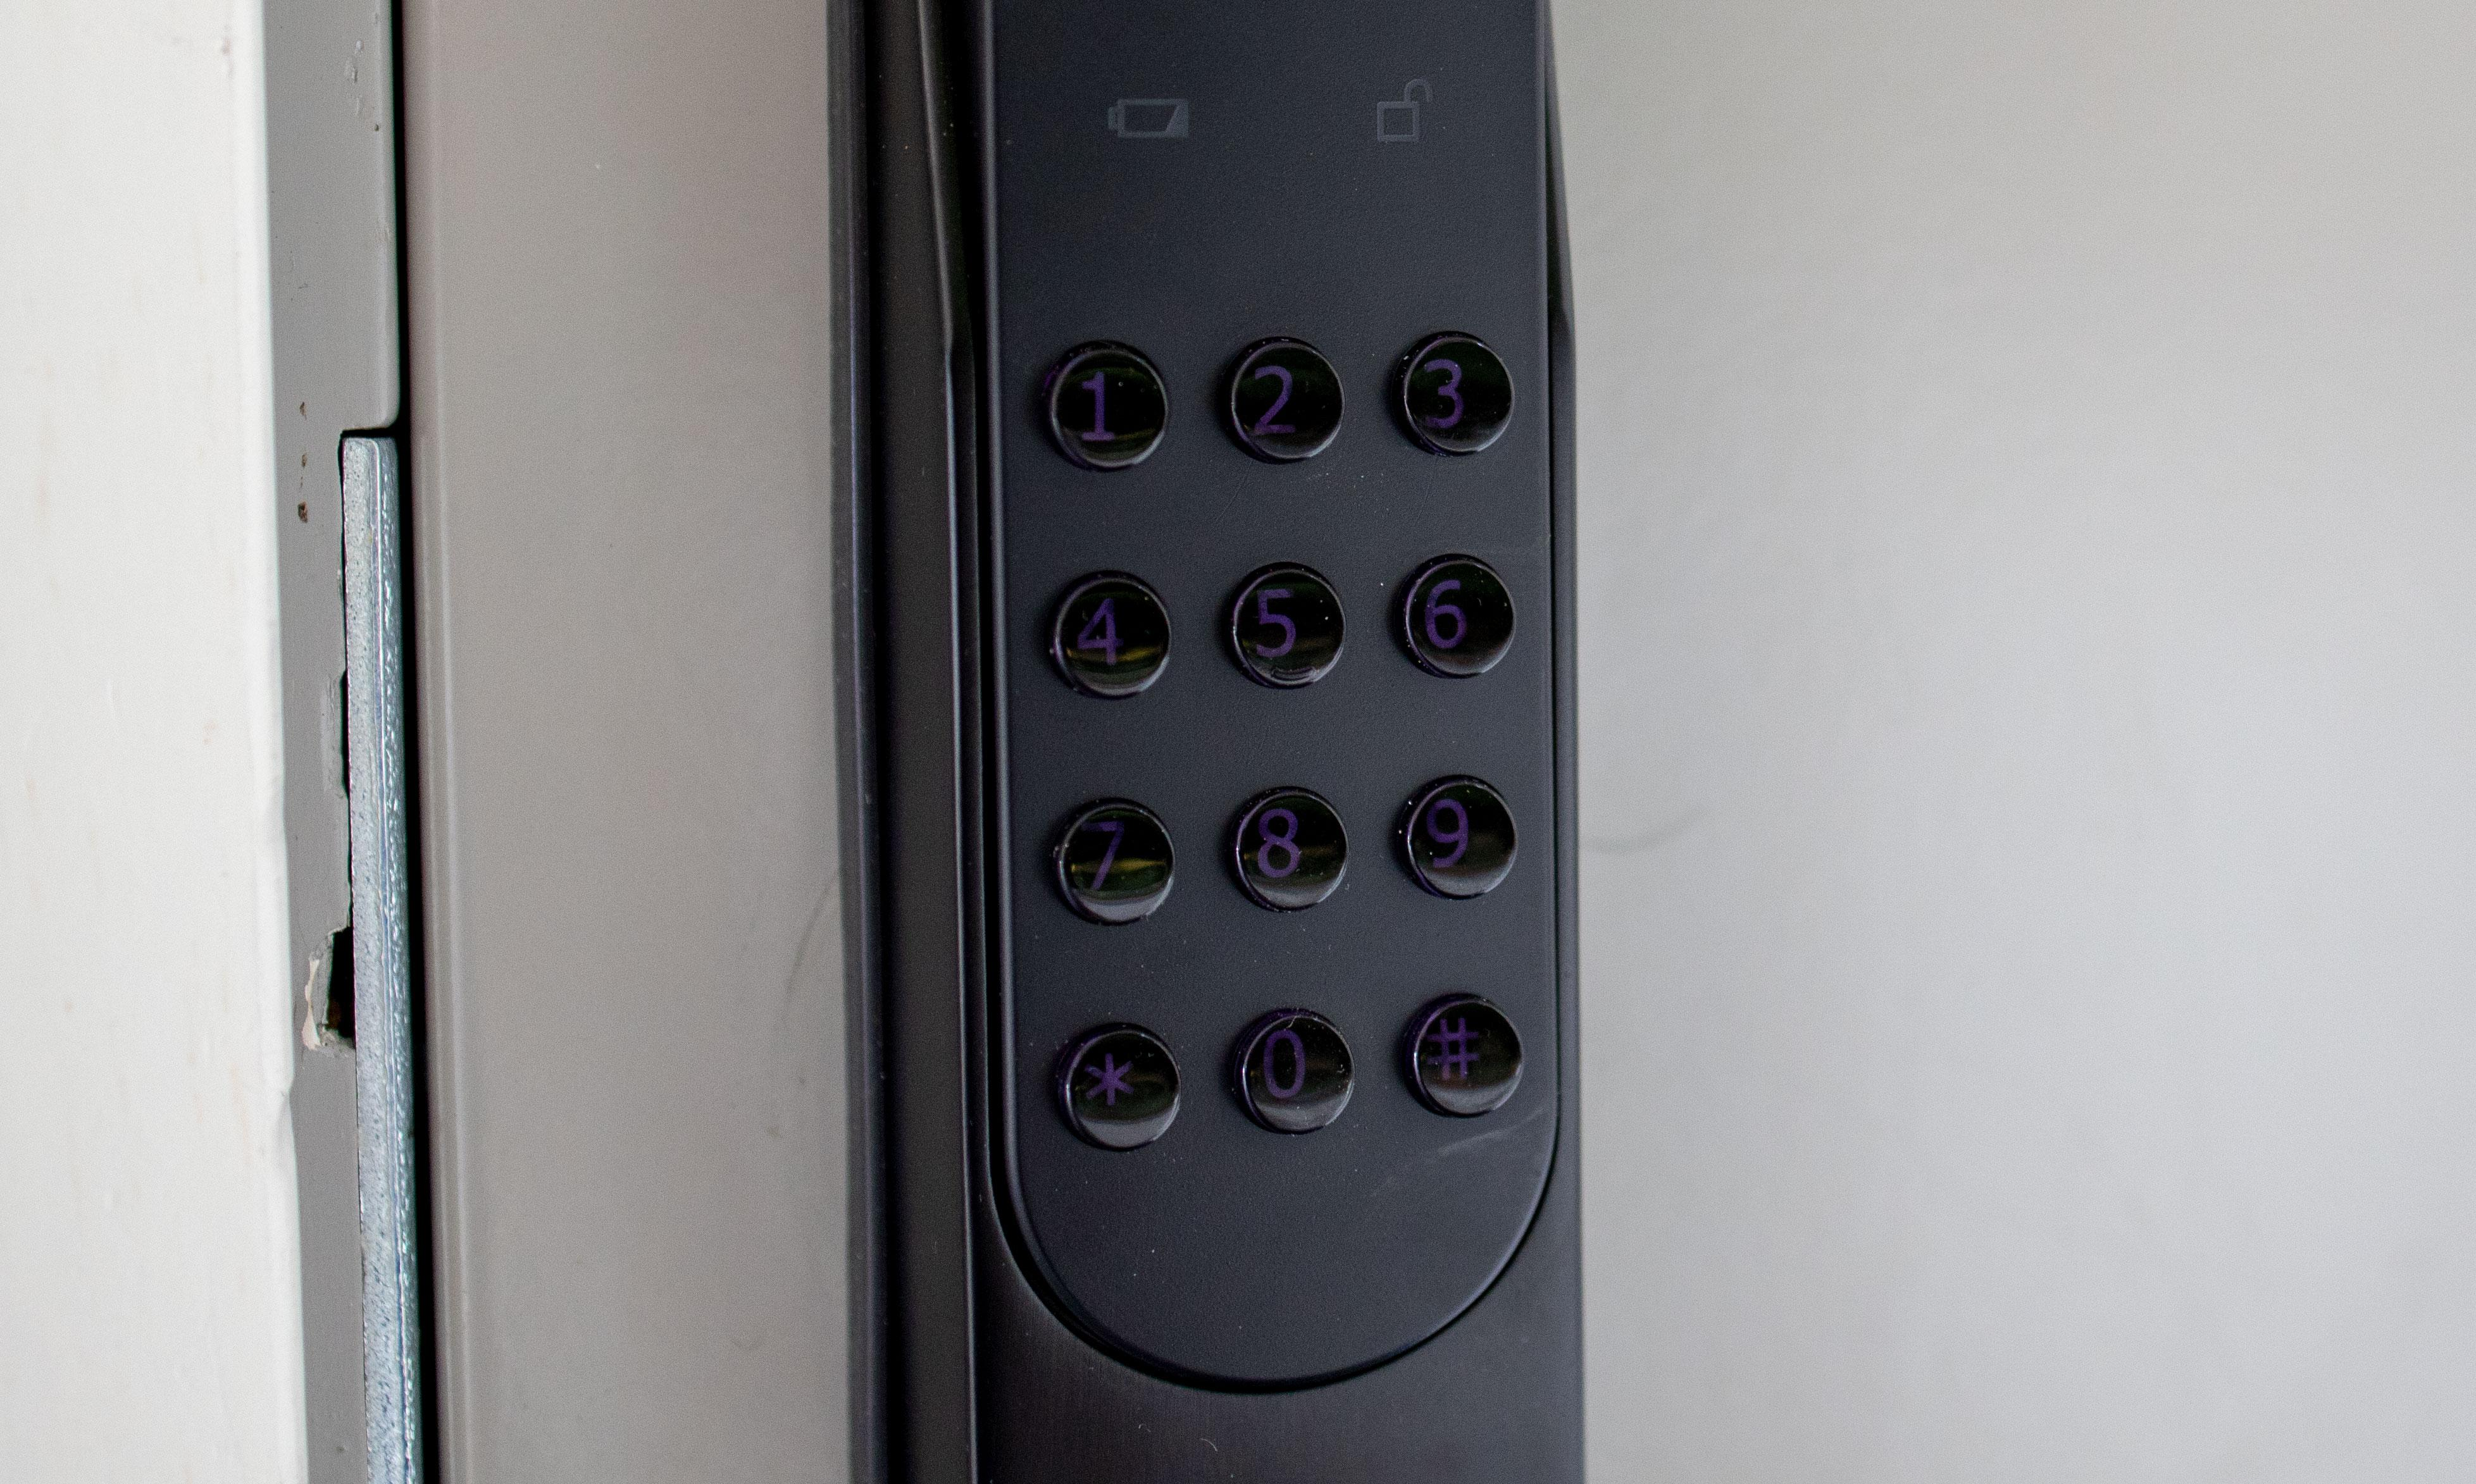 Knappene lyser opp når du trykker på dem, og i dagslys kan du fint se hva det står på dem uten lys. Men når det er mørkt ute er det nesten umulig å se tallene på knappene uten å trykke på dem. De er imidlertid veldig gode og taktile, og det går lynraskt å trykke inn koden din på den. Betydelig bedre enn for eksempel Danalock-keypaden vi testet tidligere.